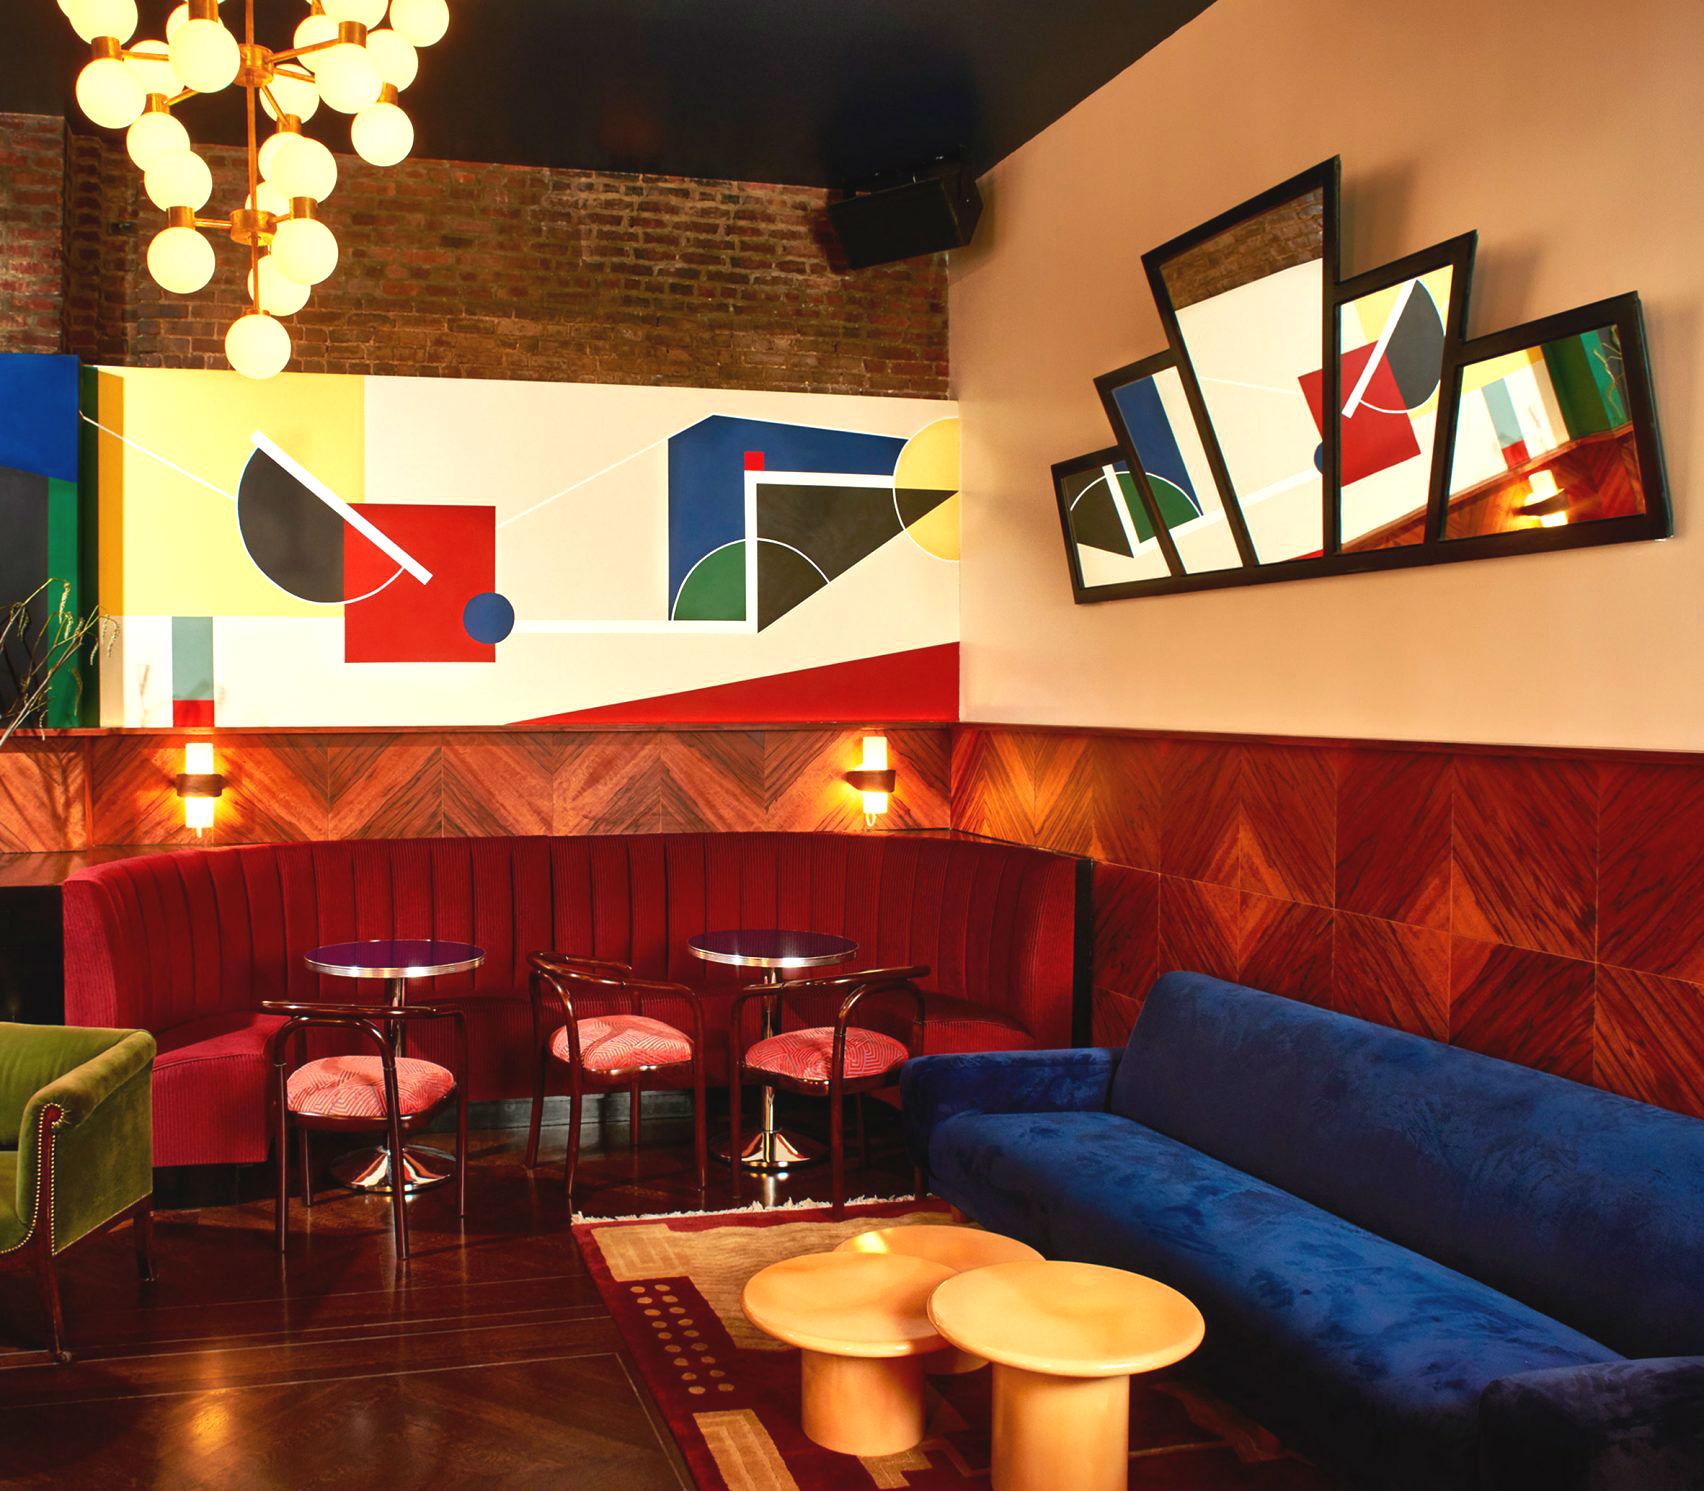 primos-camilla-deterre-interiors-restaurant-3